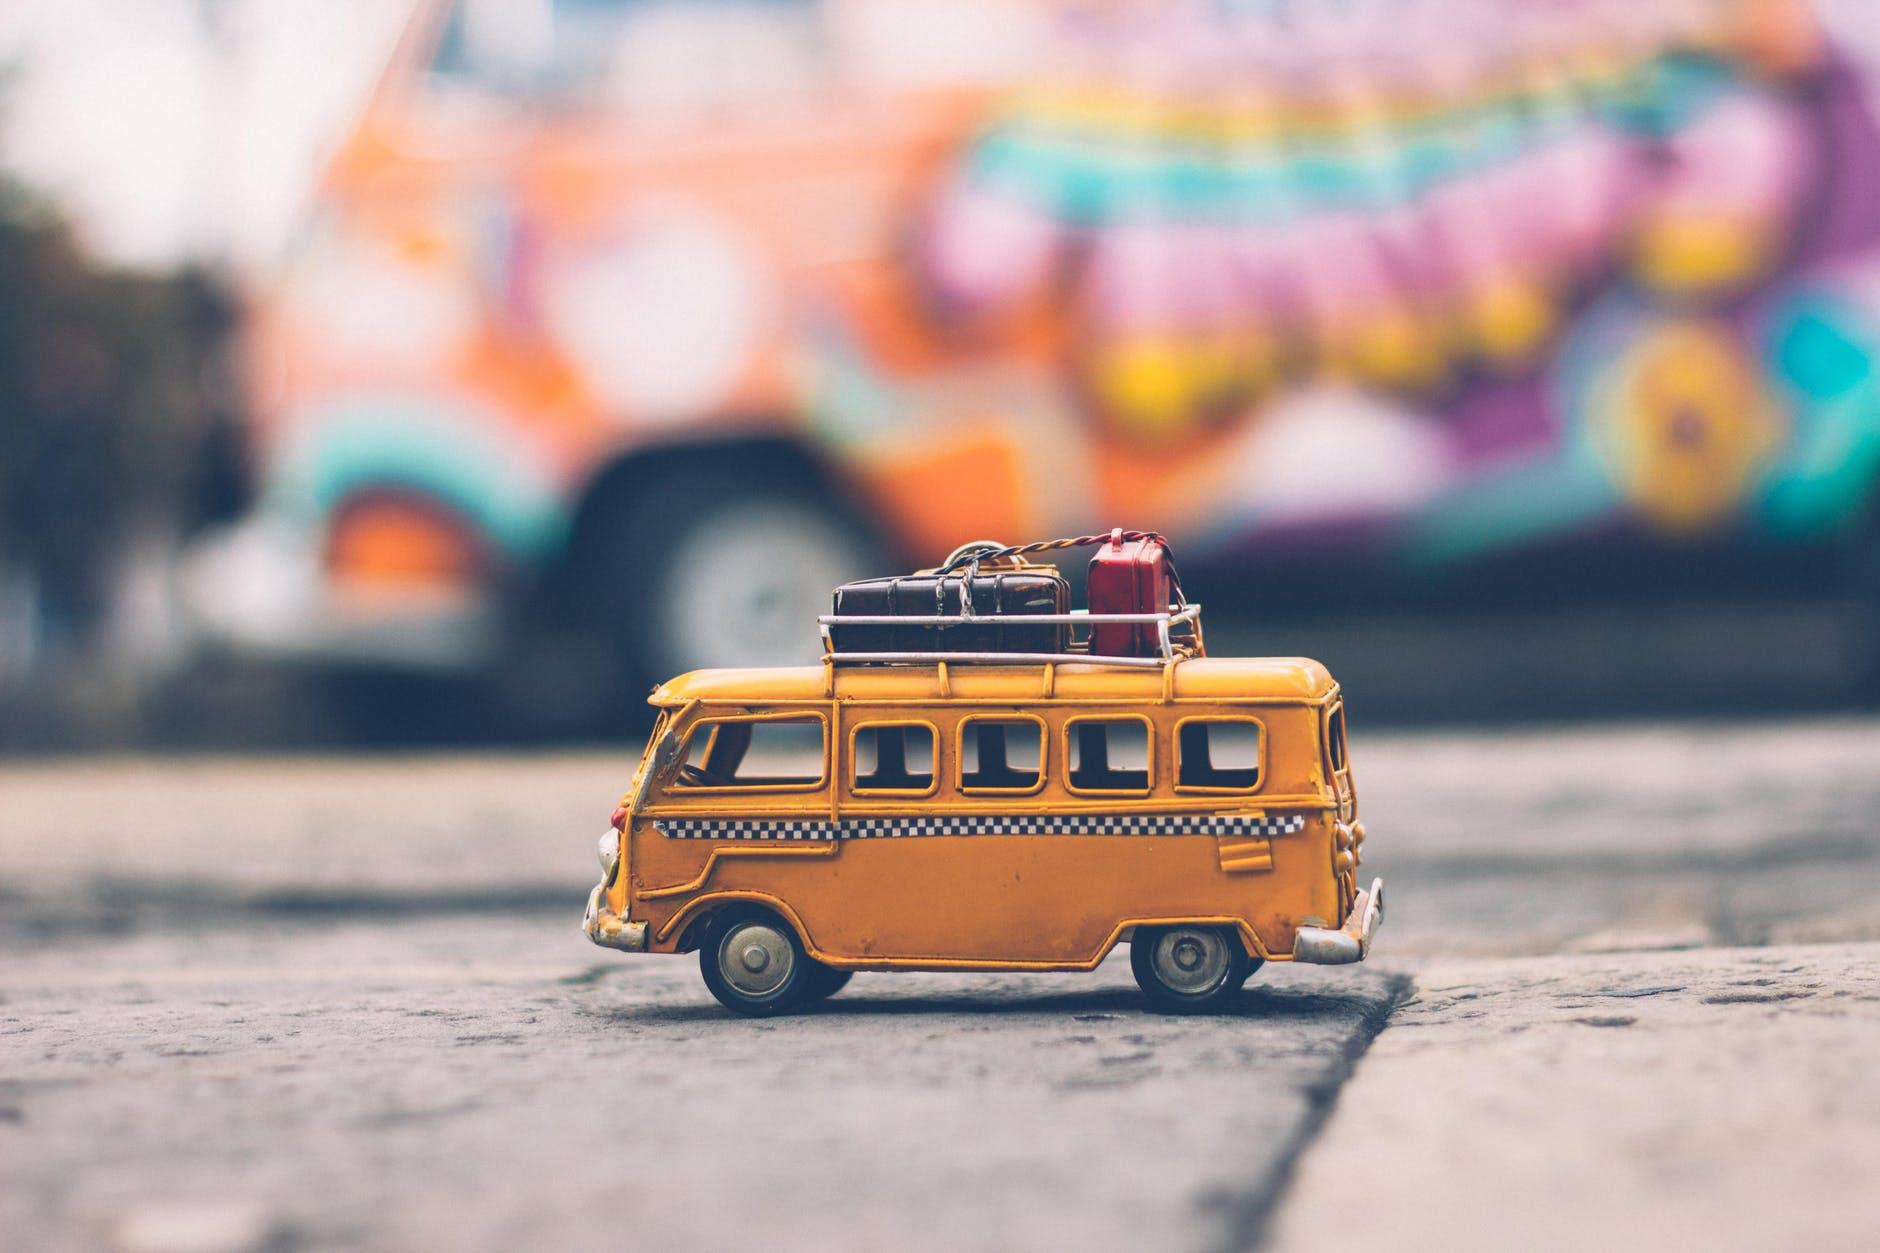 Gelber Spielzeugbus mit Koffern obendrauf